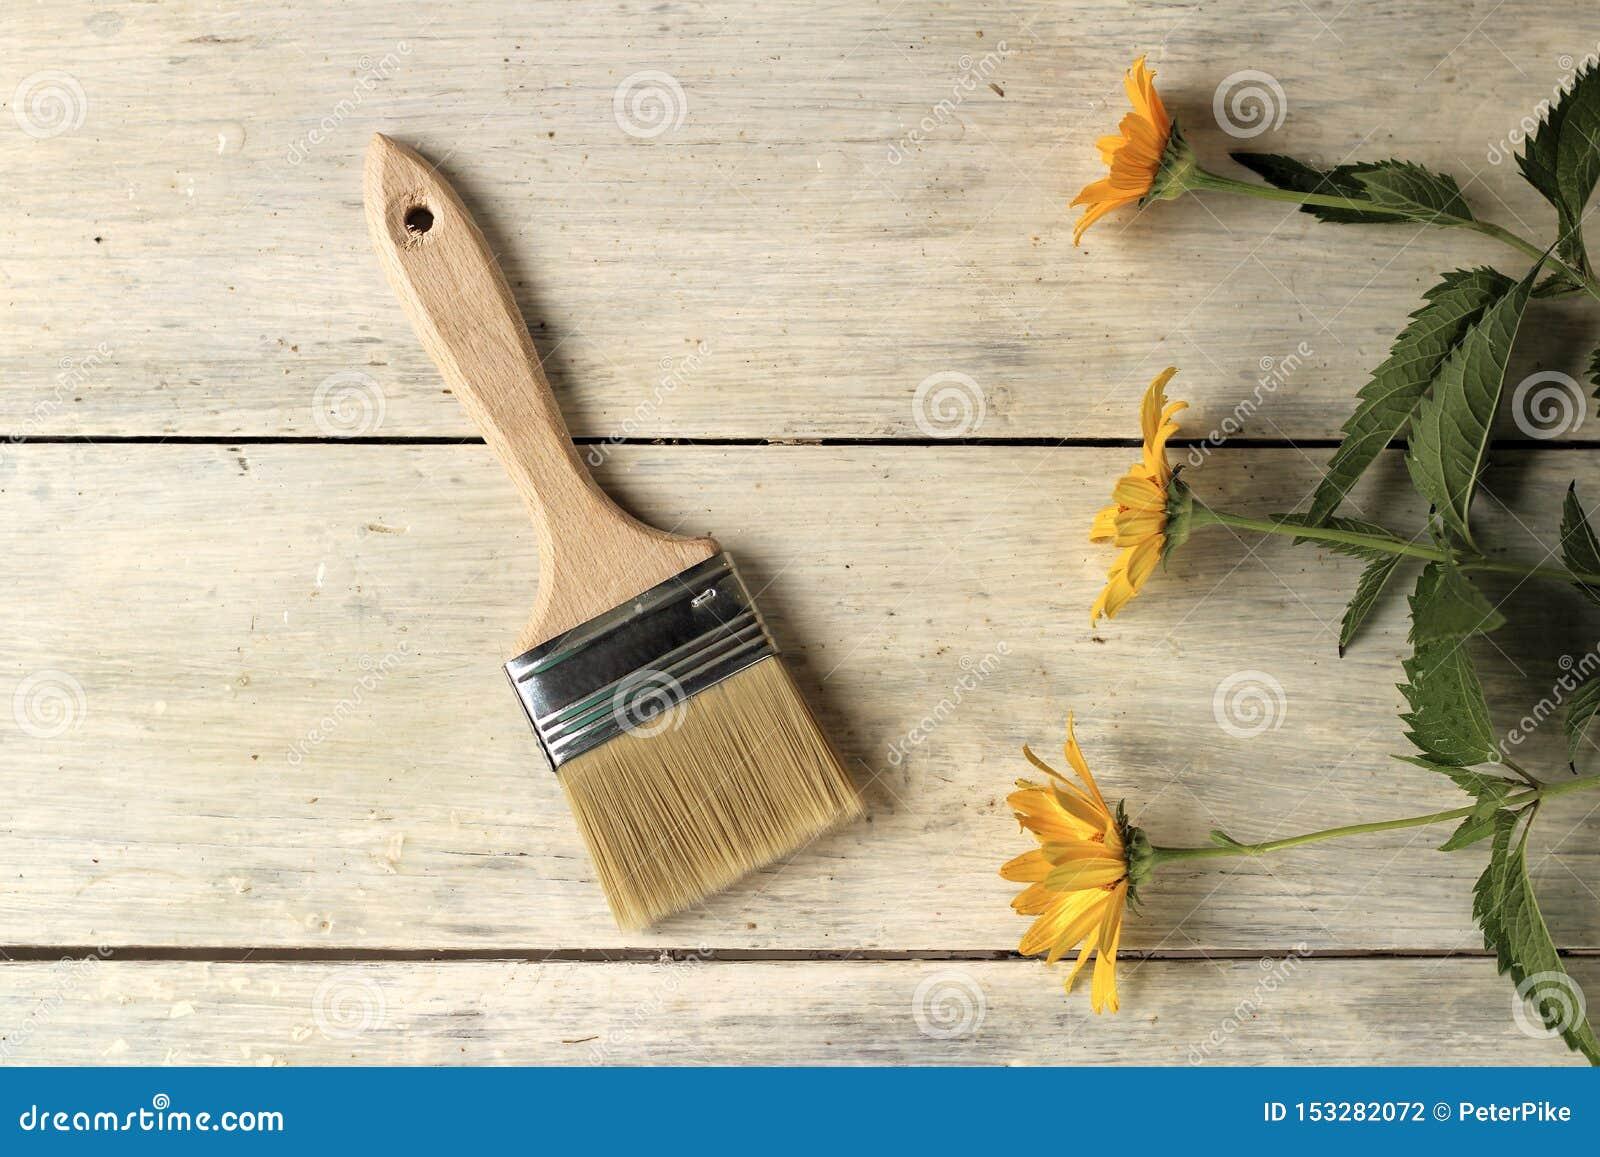 Een verfborstel is naast mooie oranje bloemen op een oude witte uitstekende houten planklijst Plaats voor tekst of embleem